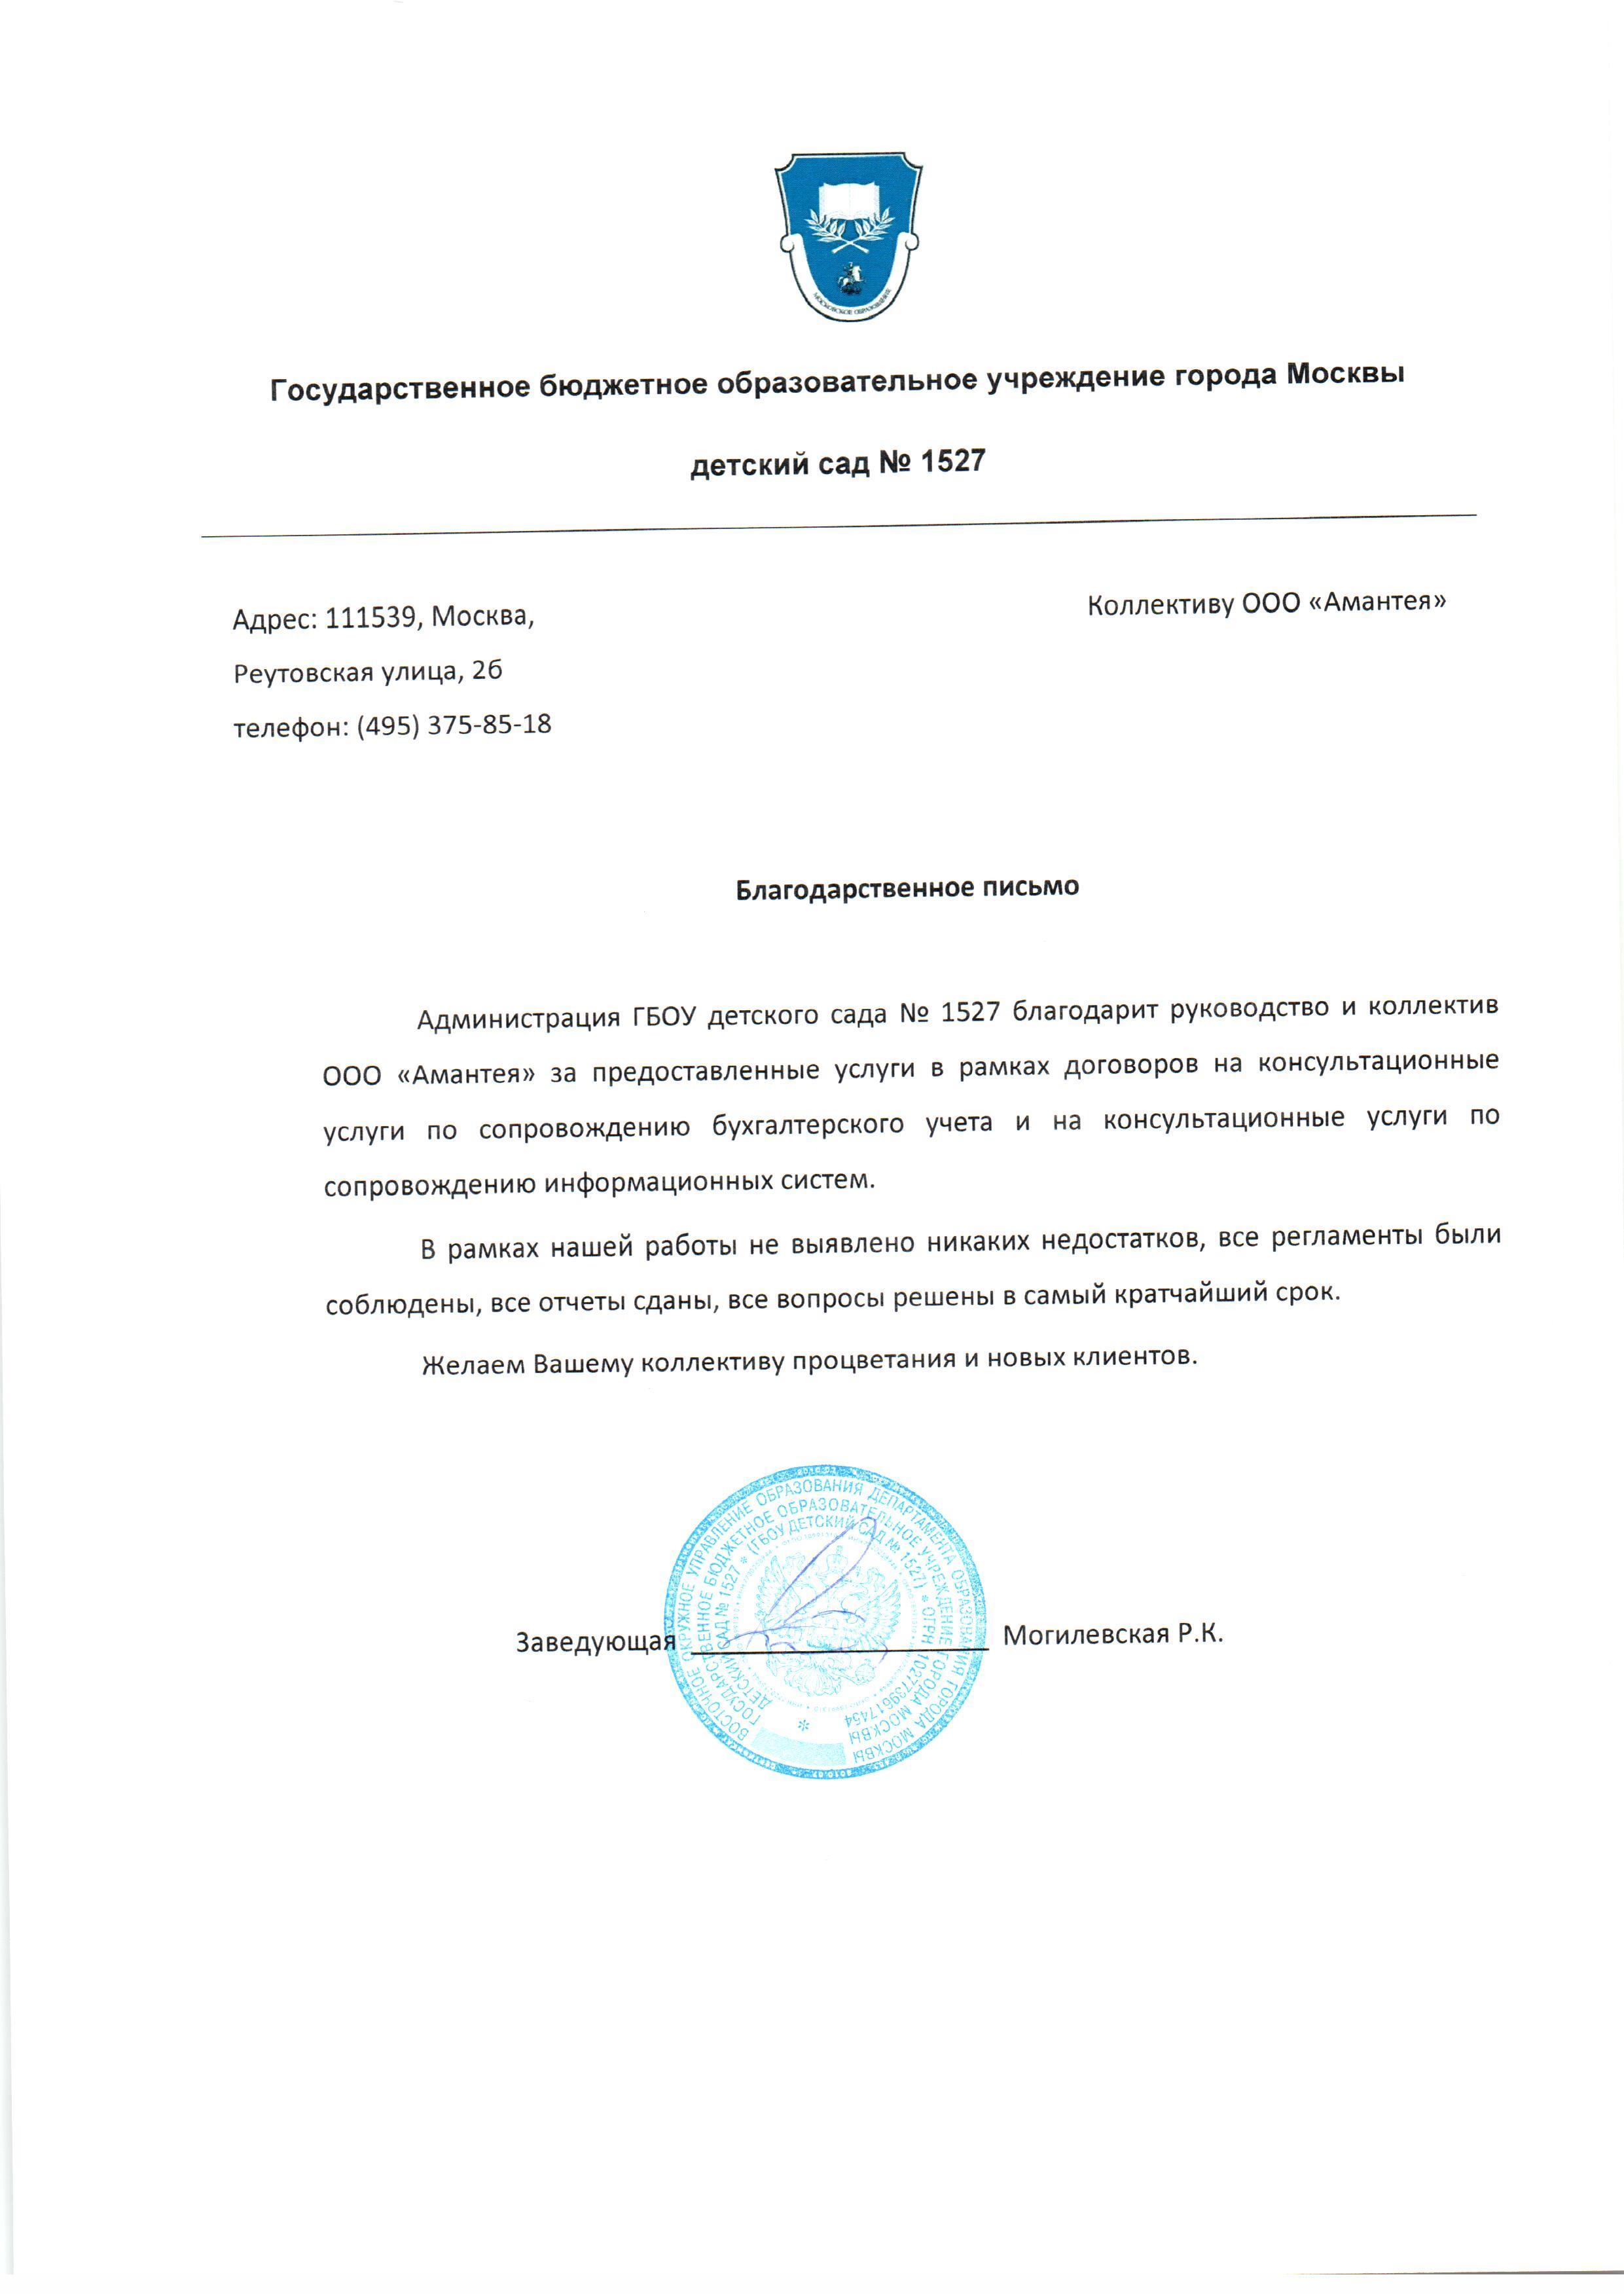 ГБОУ детский сад №1527